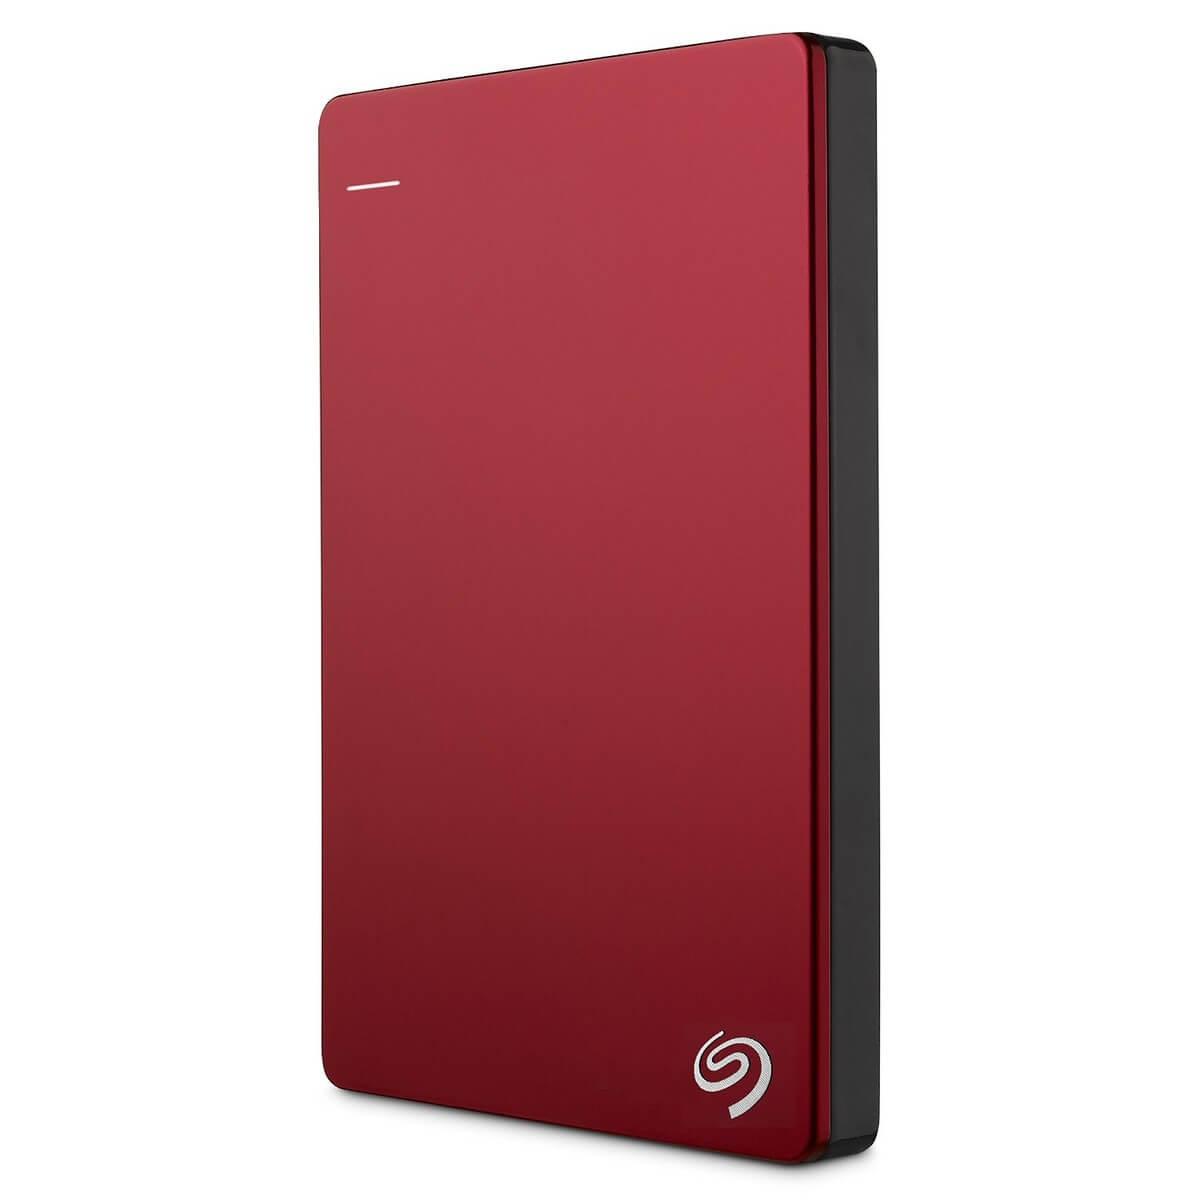 8 Seagate Backup Plus 2TB Best MacBook Air Accessories